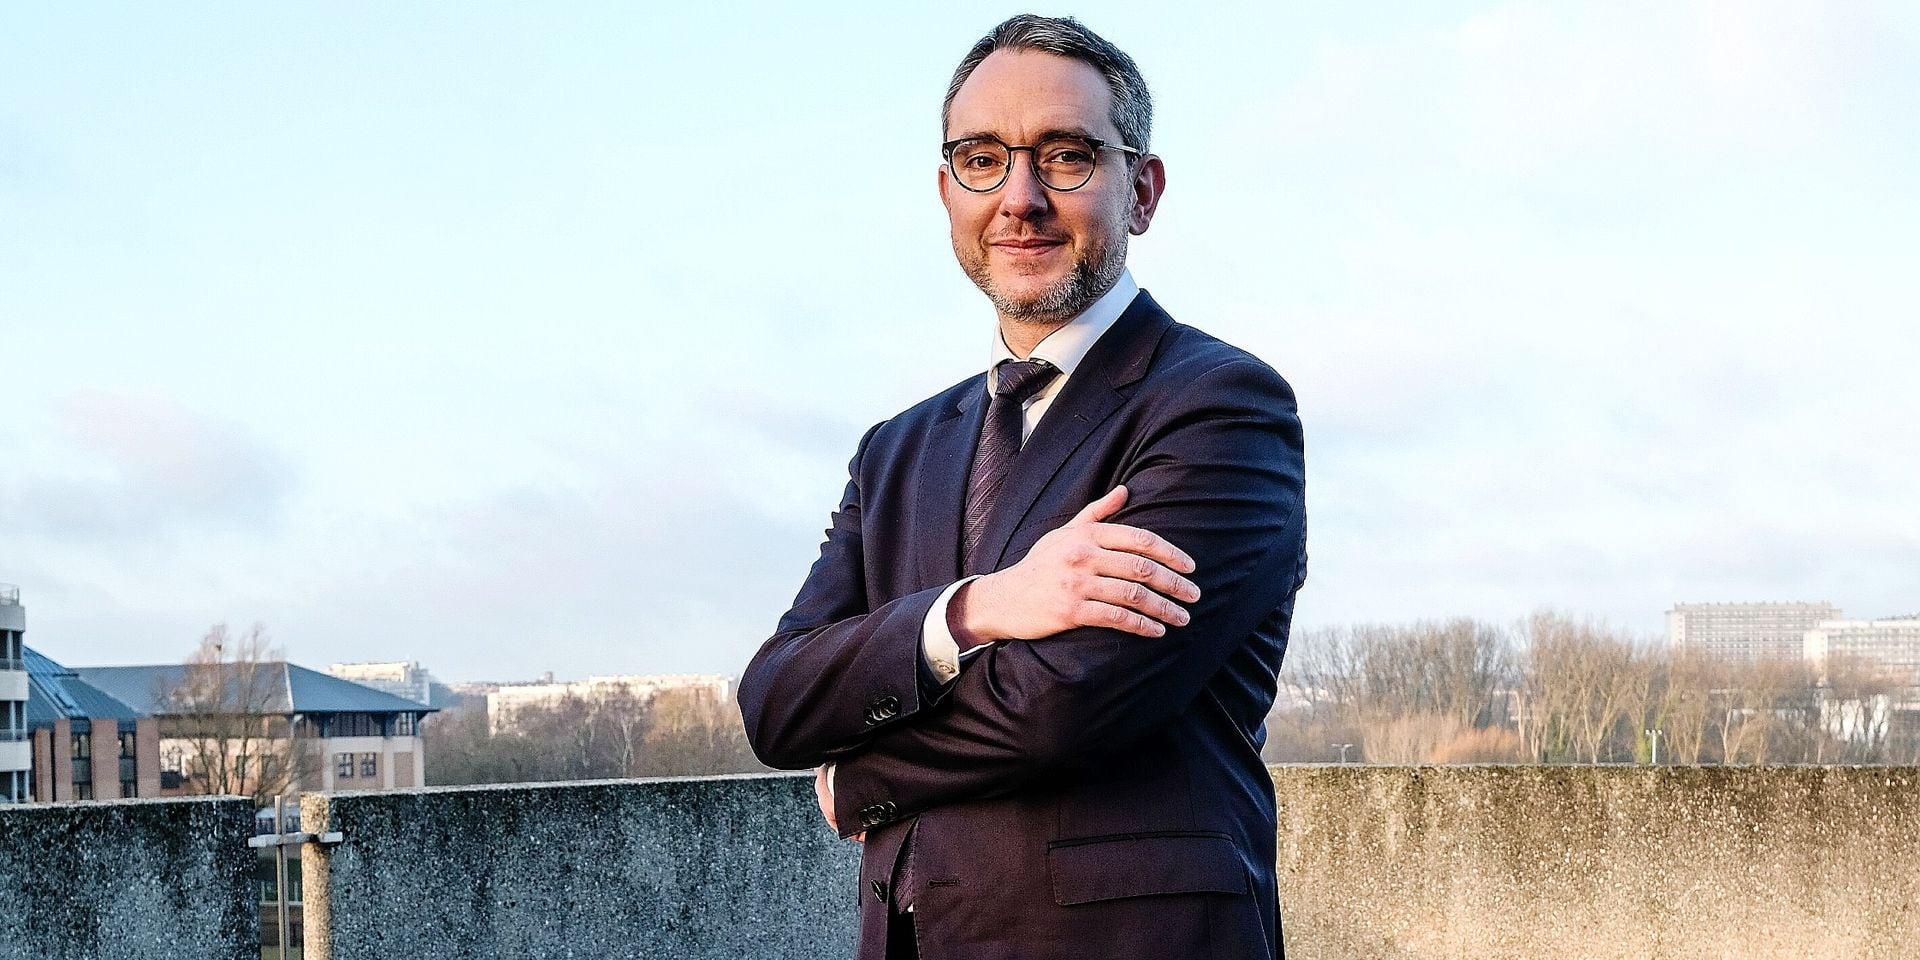 Sebastien Van Bellegem Candidat Recteur de l'UCL Clinique Universitaire St Luc Interview Présentation du Candidat et son programme 19 Février 2019 Bruxelles